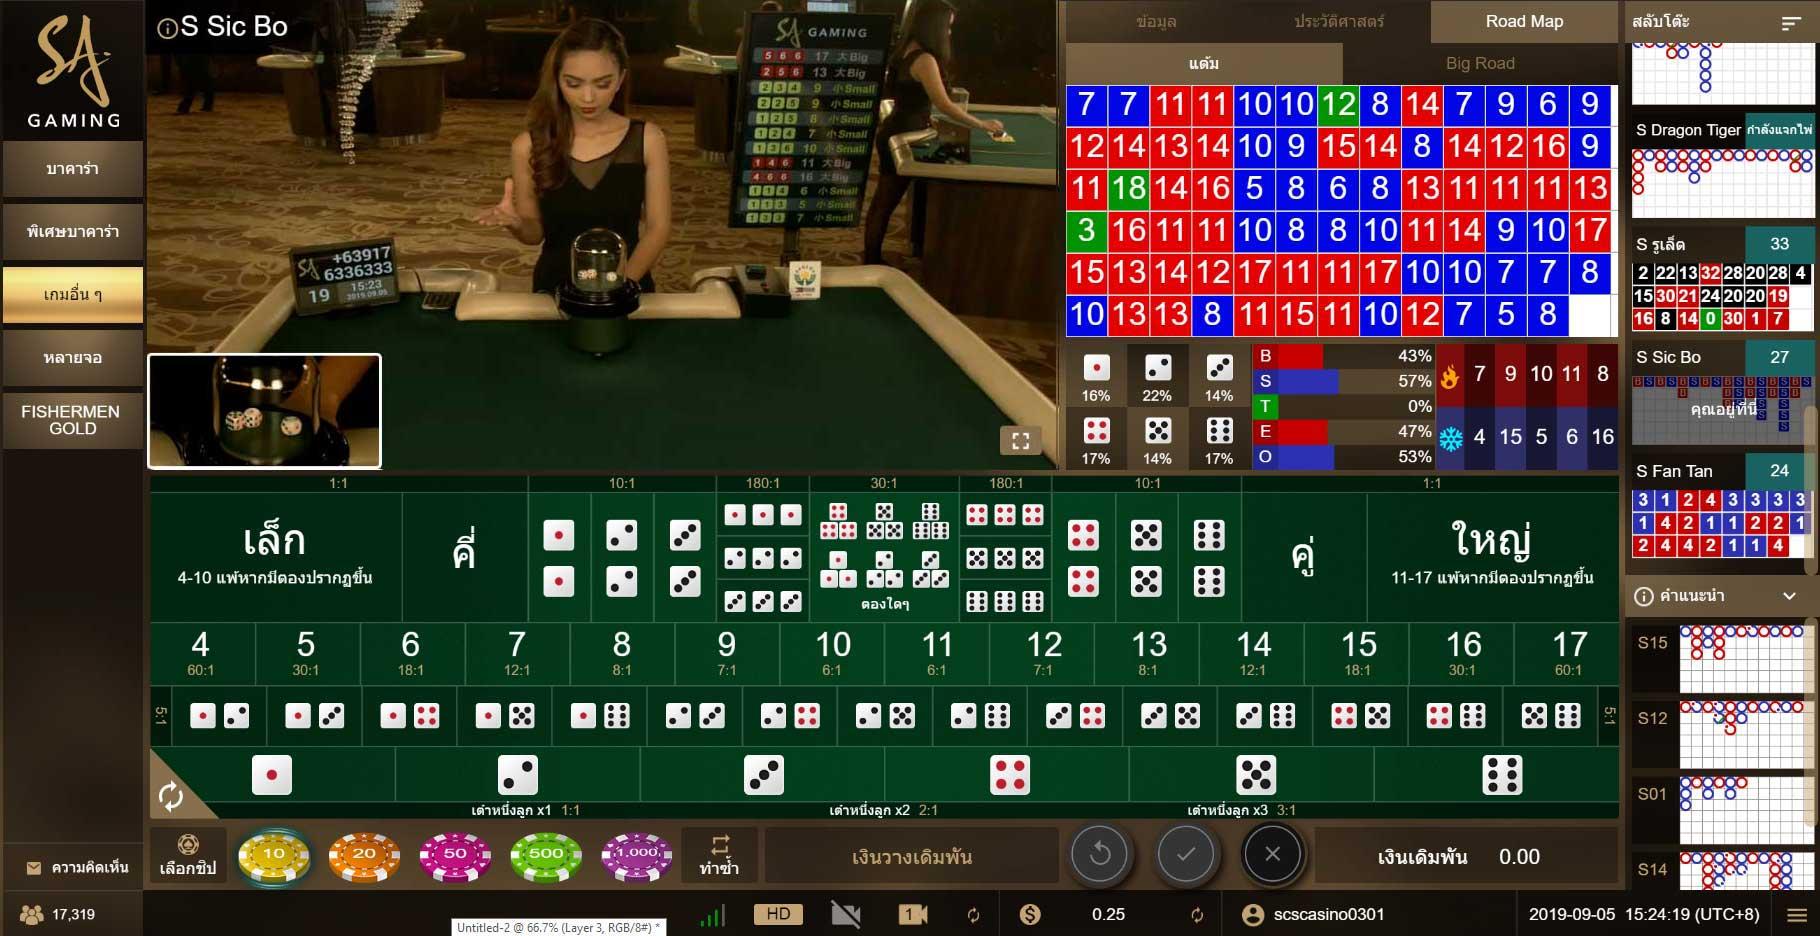 หน้าการเล่น ไฮโล SA Gaming